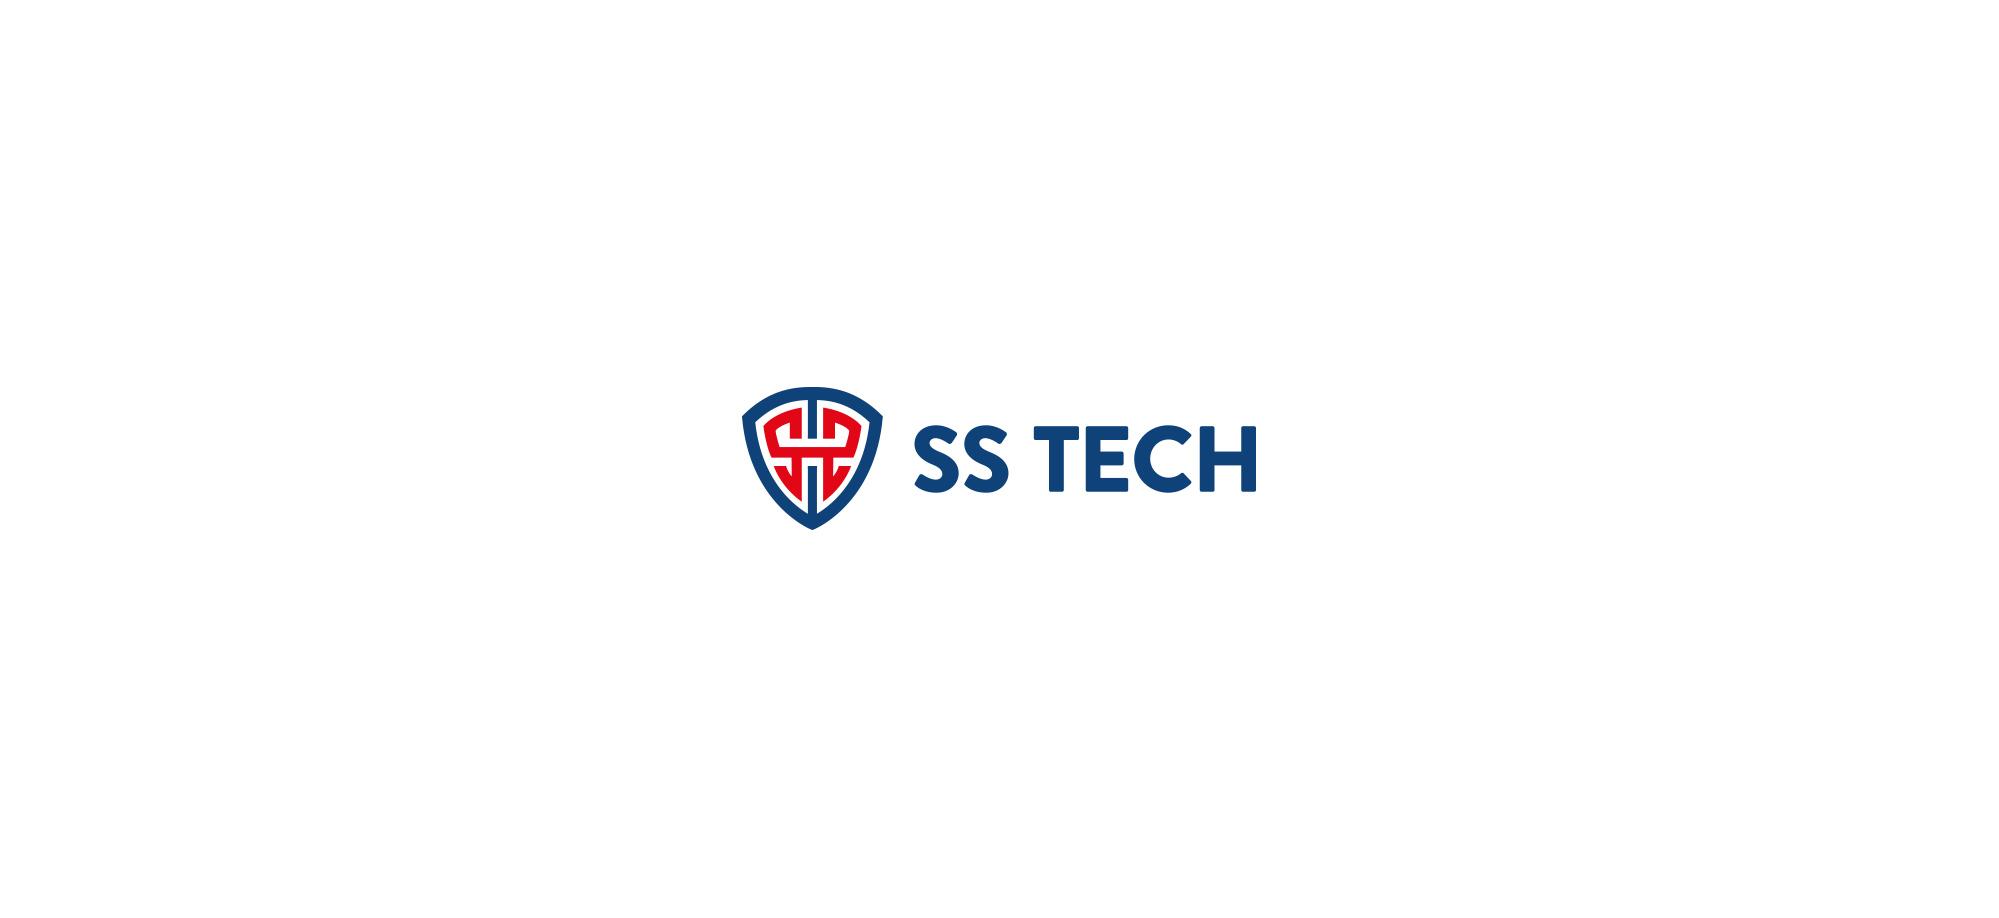 SS Tech